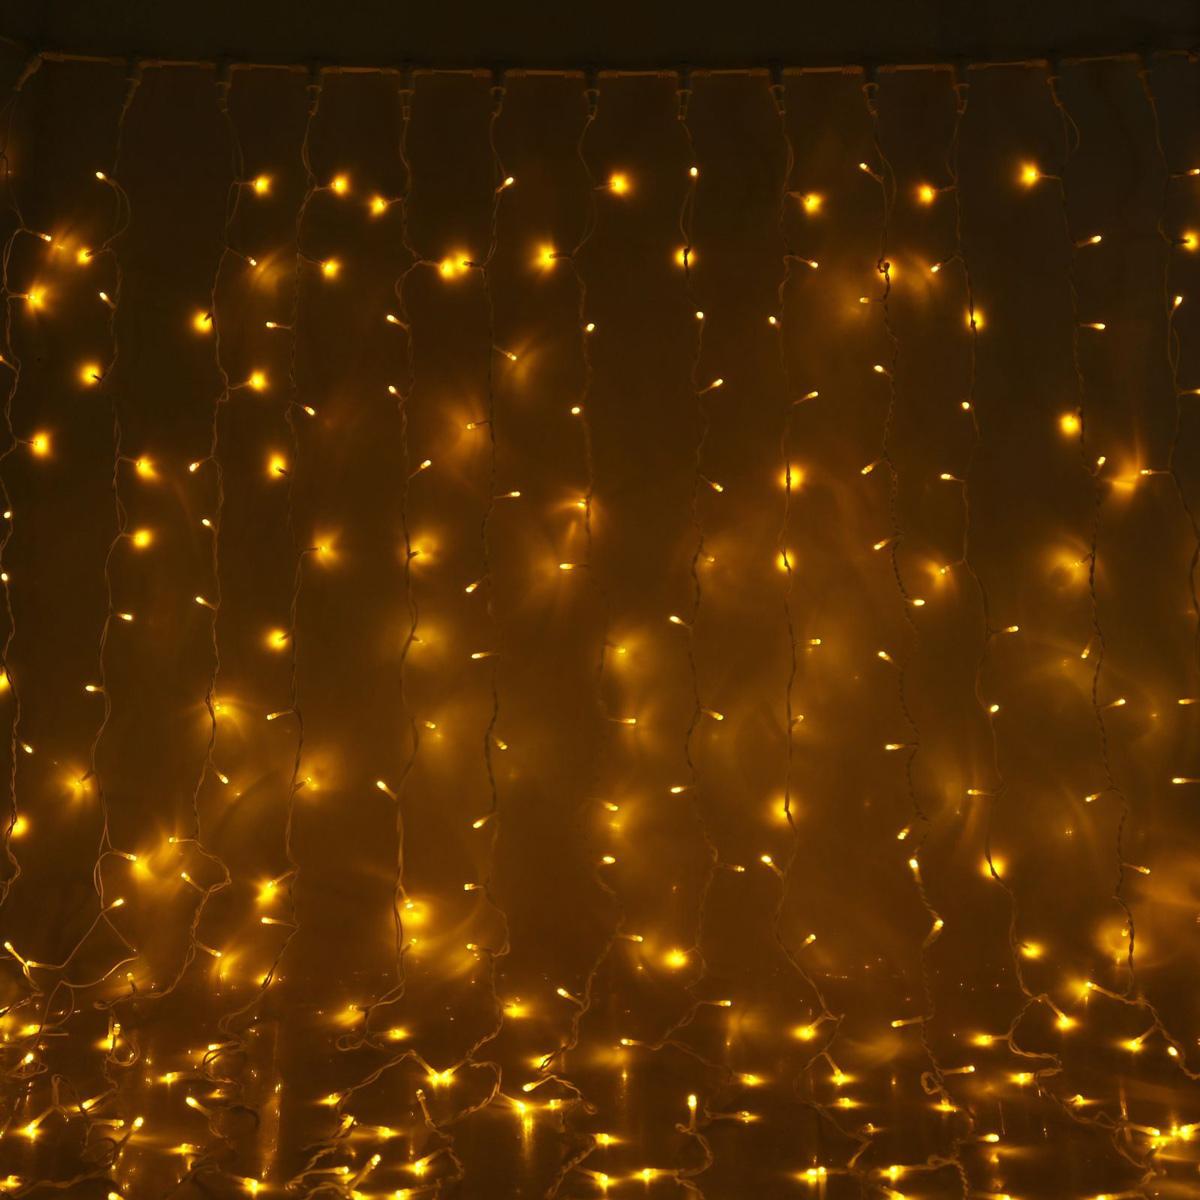 Гирлянда светодиодная Luazon Занавес, цвет: желтый, уличная, 760 ламп, 220 V, 2 х 3 м. 10802301080230Светодиодные гирлянды и ленты — это отличный вариант для новогоднего оформления интерьера или фасада. С их помощью помещение любого размера можно превратить в праздничный зал, а внешние элементы зданий, украшенные ими, мгновенно станут напоминать очертания сказочного дворца. Такие украшения создают ауру предвкушения чуда. Деревья, фасады, витрины, окна и арки будто специально созданы, чтобы вы украсили их светящимися нитями.